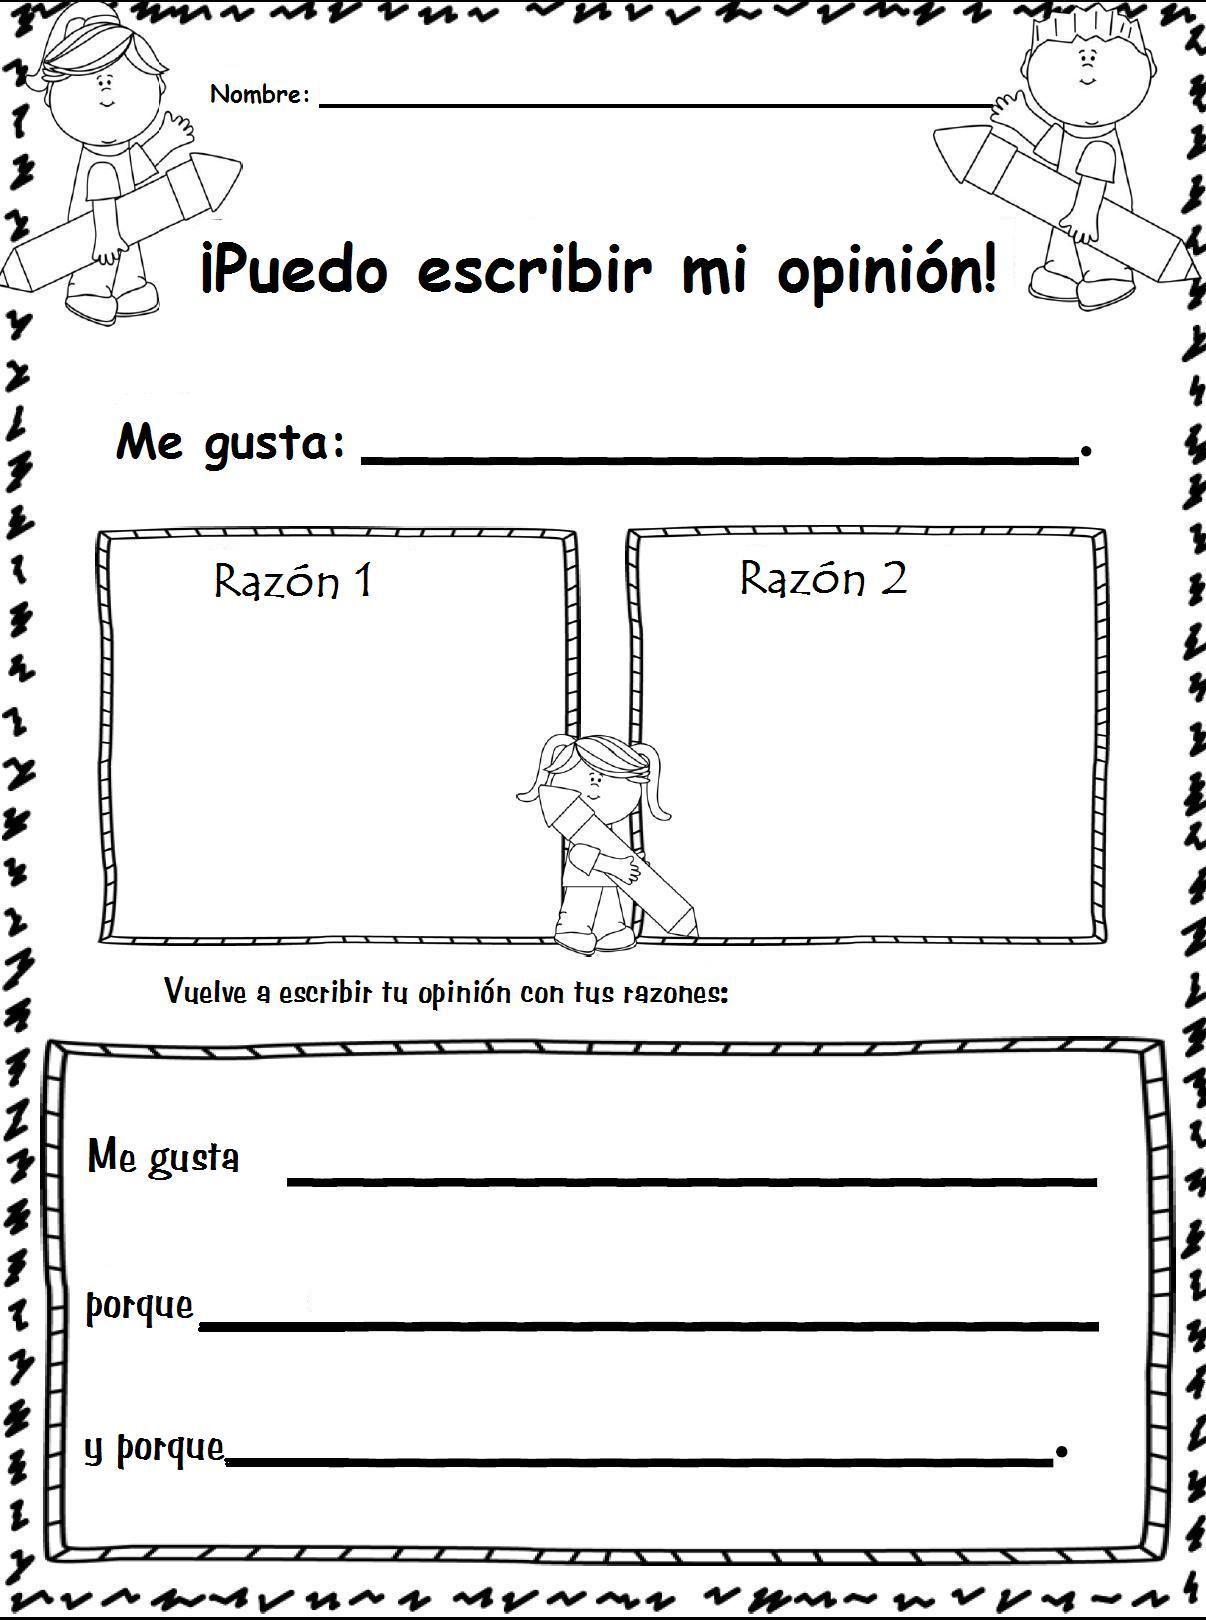 Organiza Tu Opinion Iniciacion Adaptacion Original En Ingles En Este Mismo Tablero